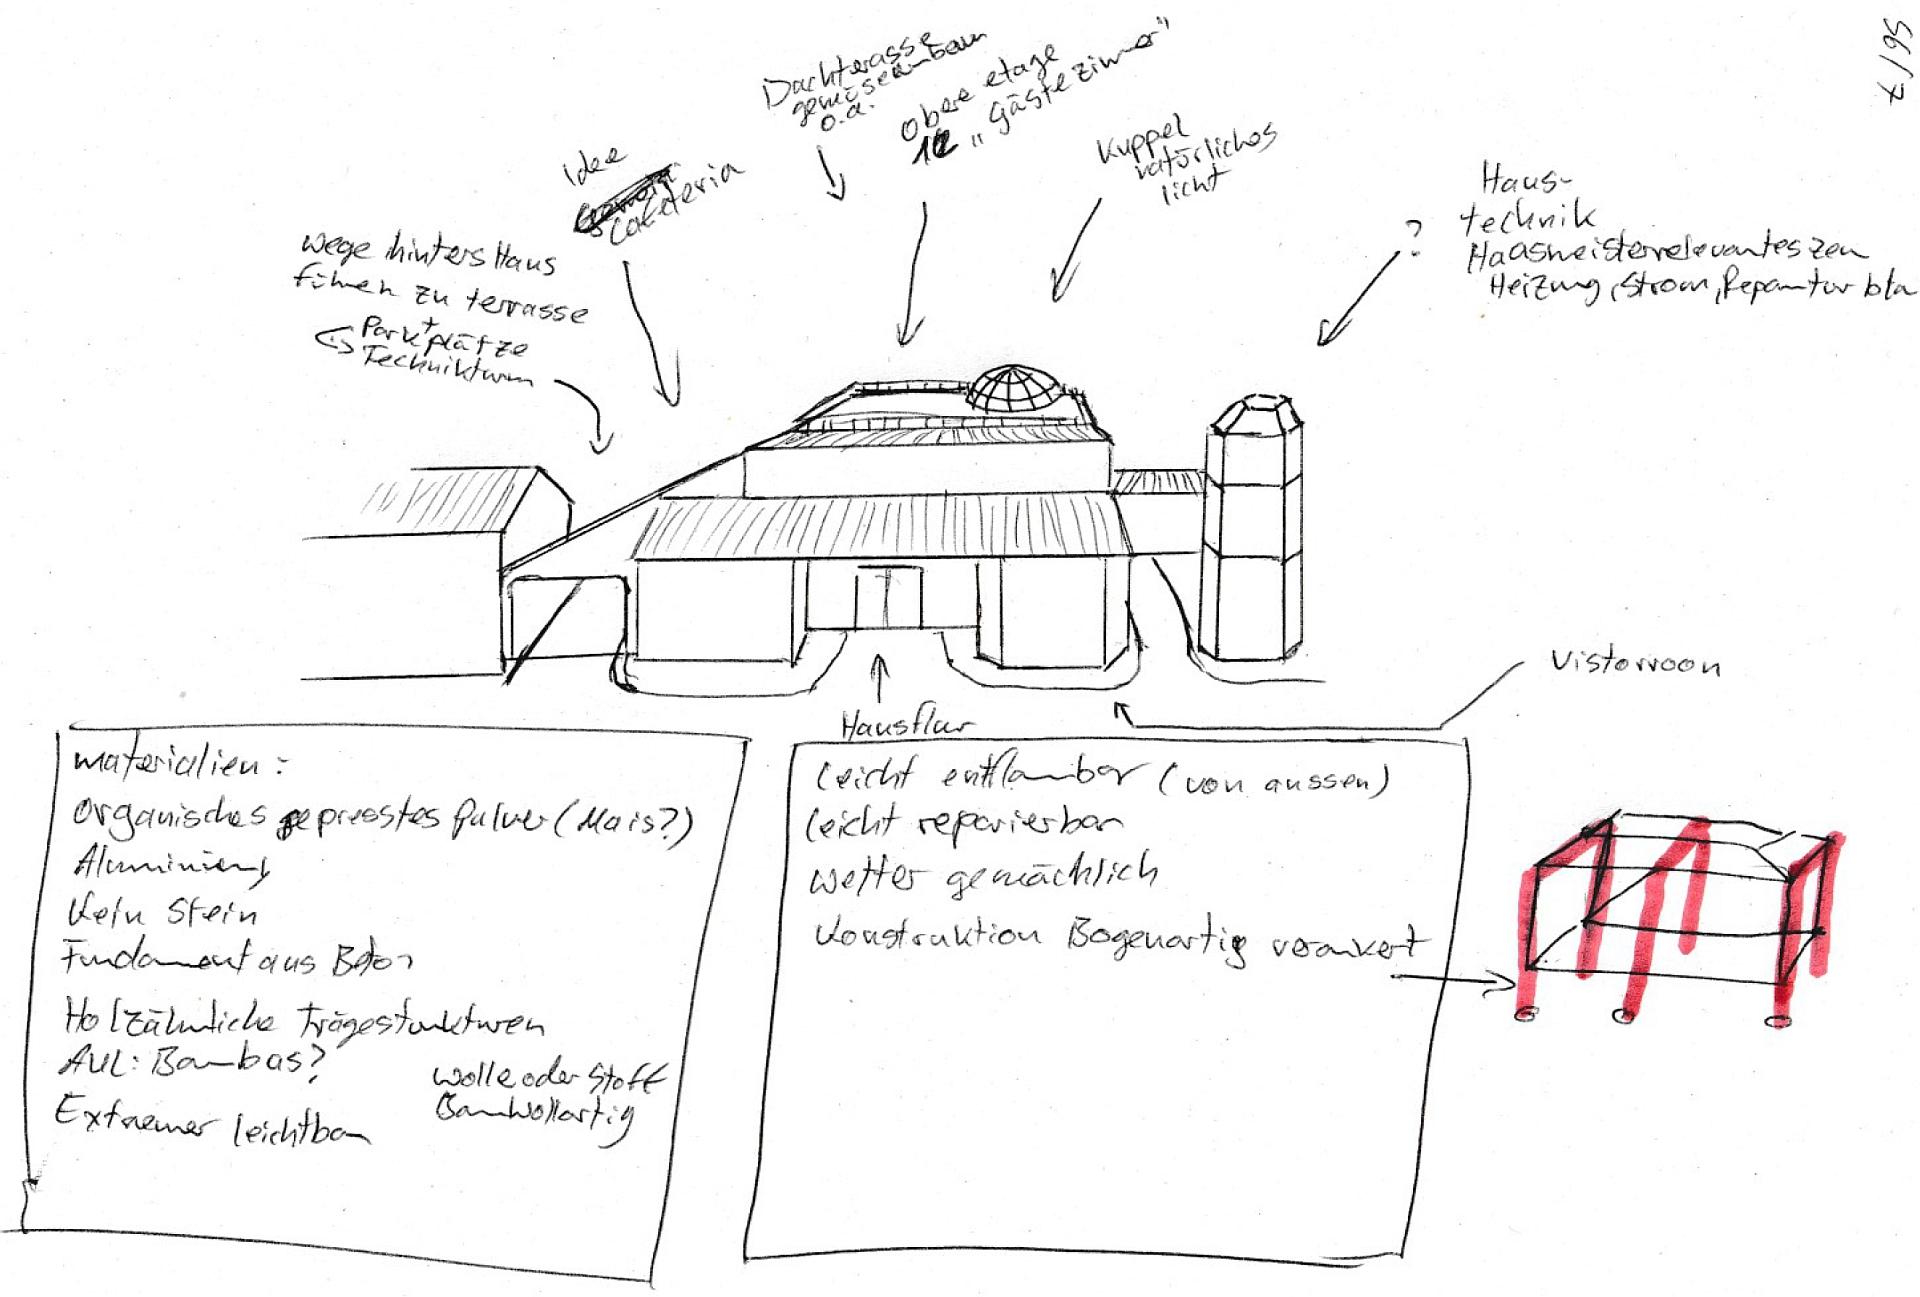 rv_zukunftsprojekt2-lebensgestaltung-wohnen_stadt-2110_architektur